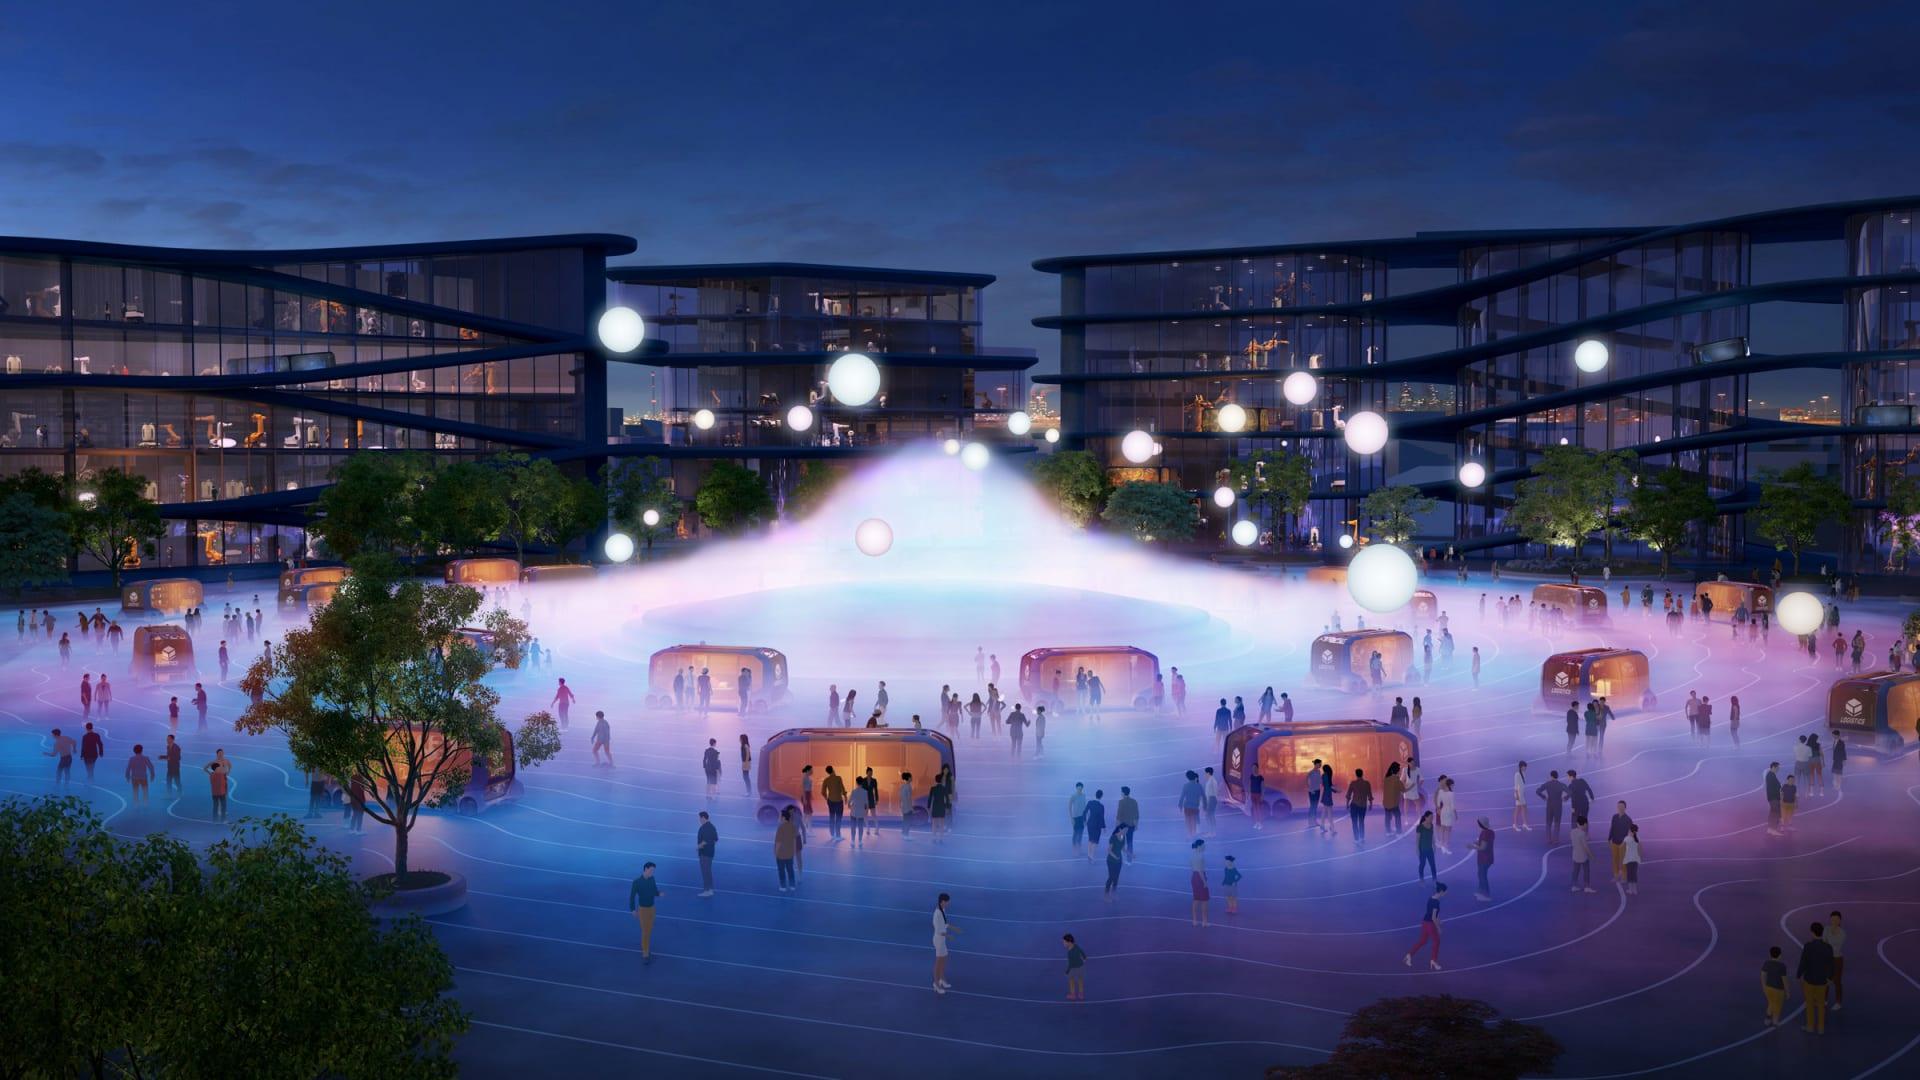 تويوتا تبني مدينة ذكية